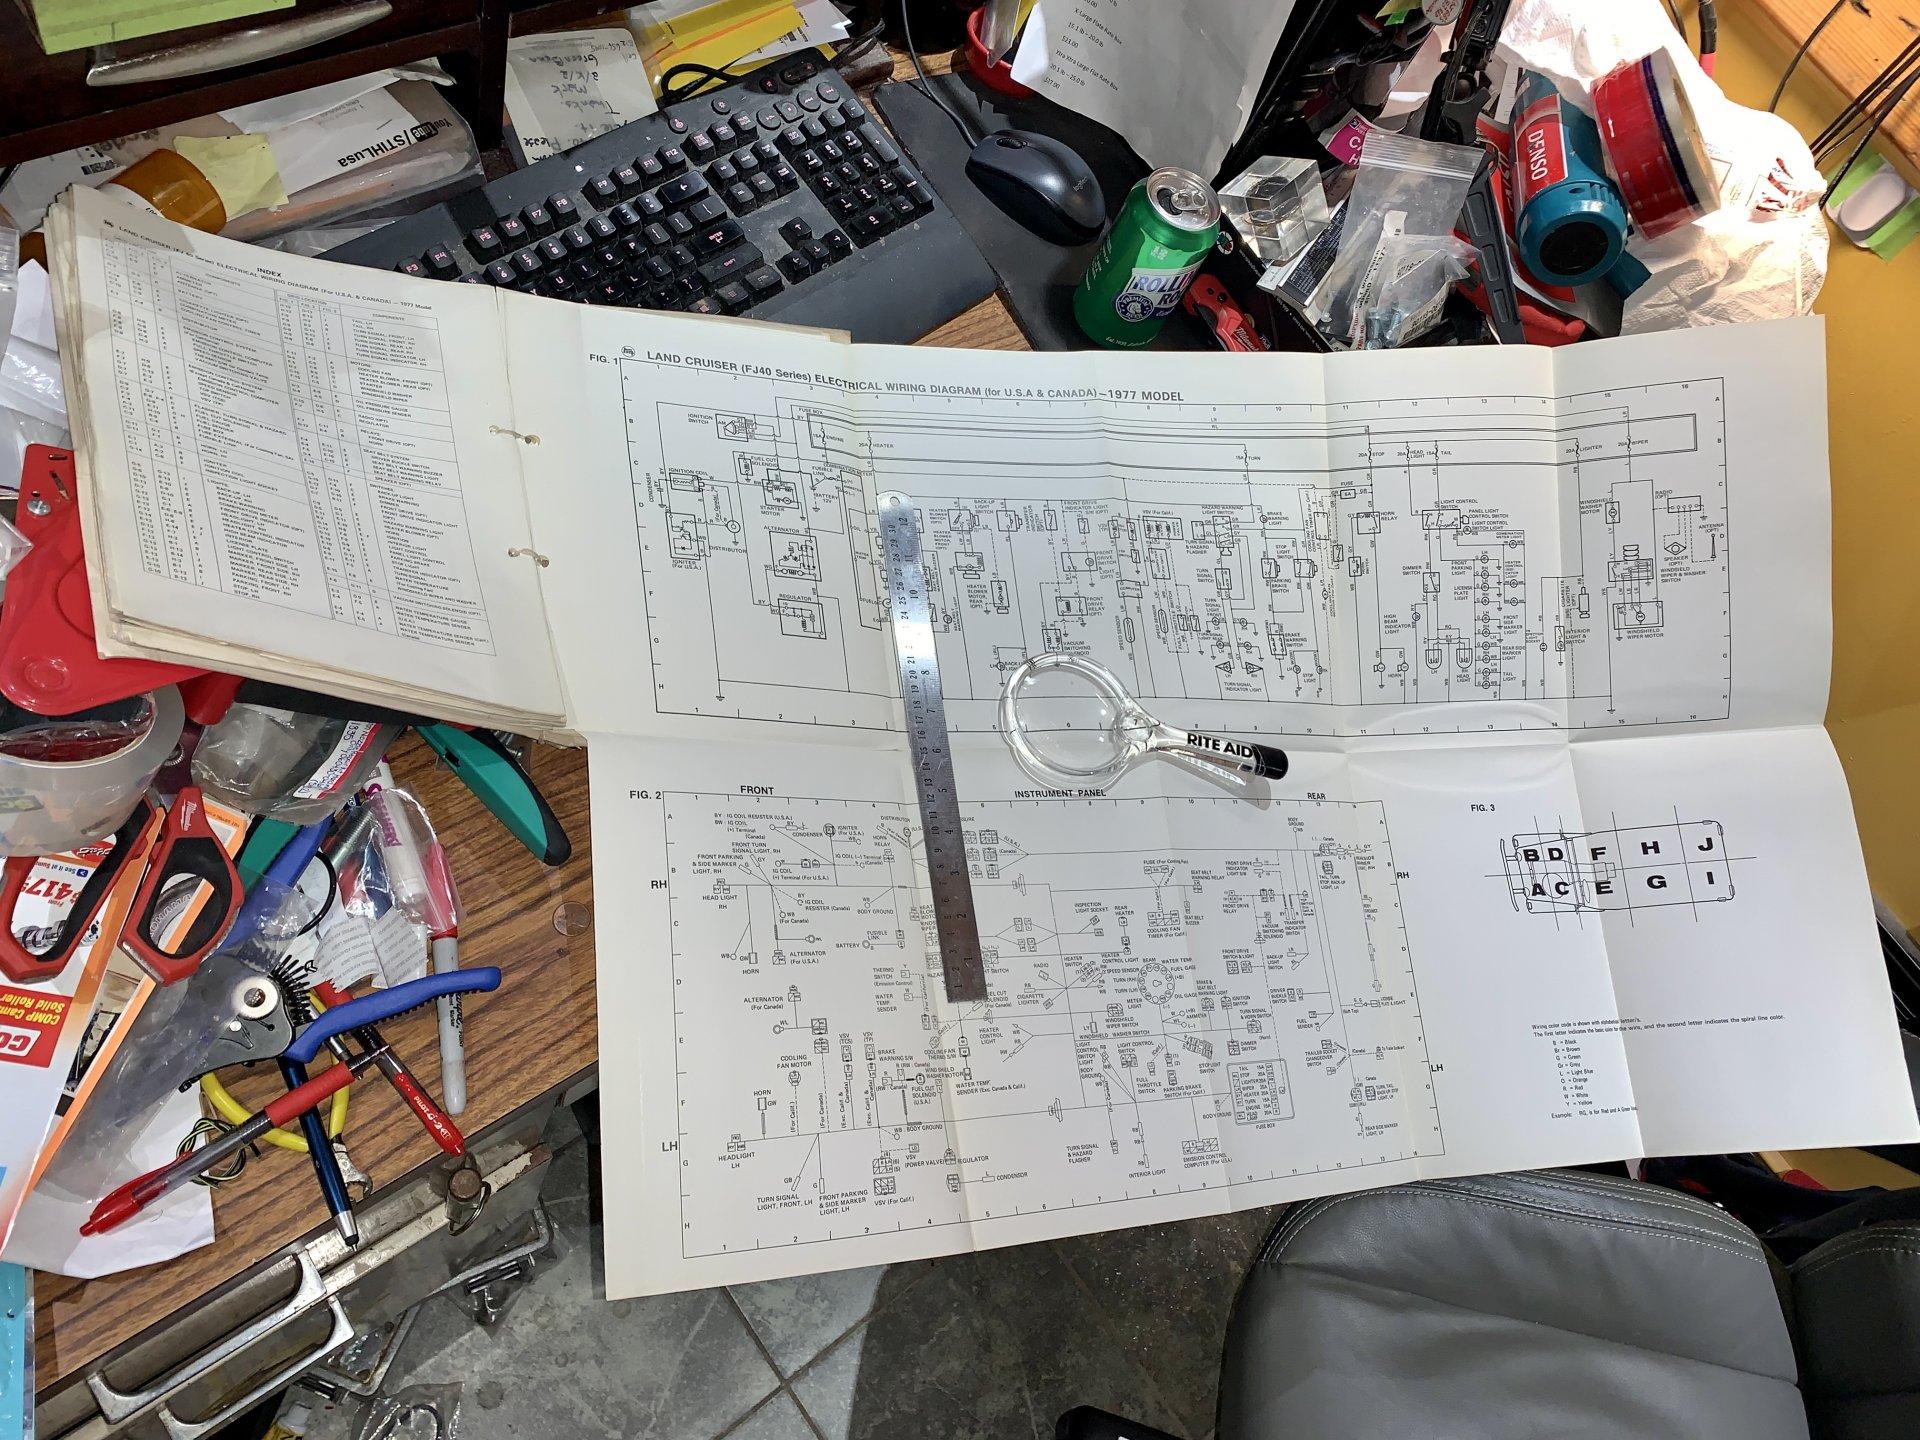 77A54603-A343-4ADF-BEFA-C2731FF8D35F.jpeg